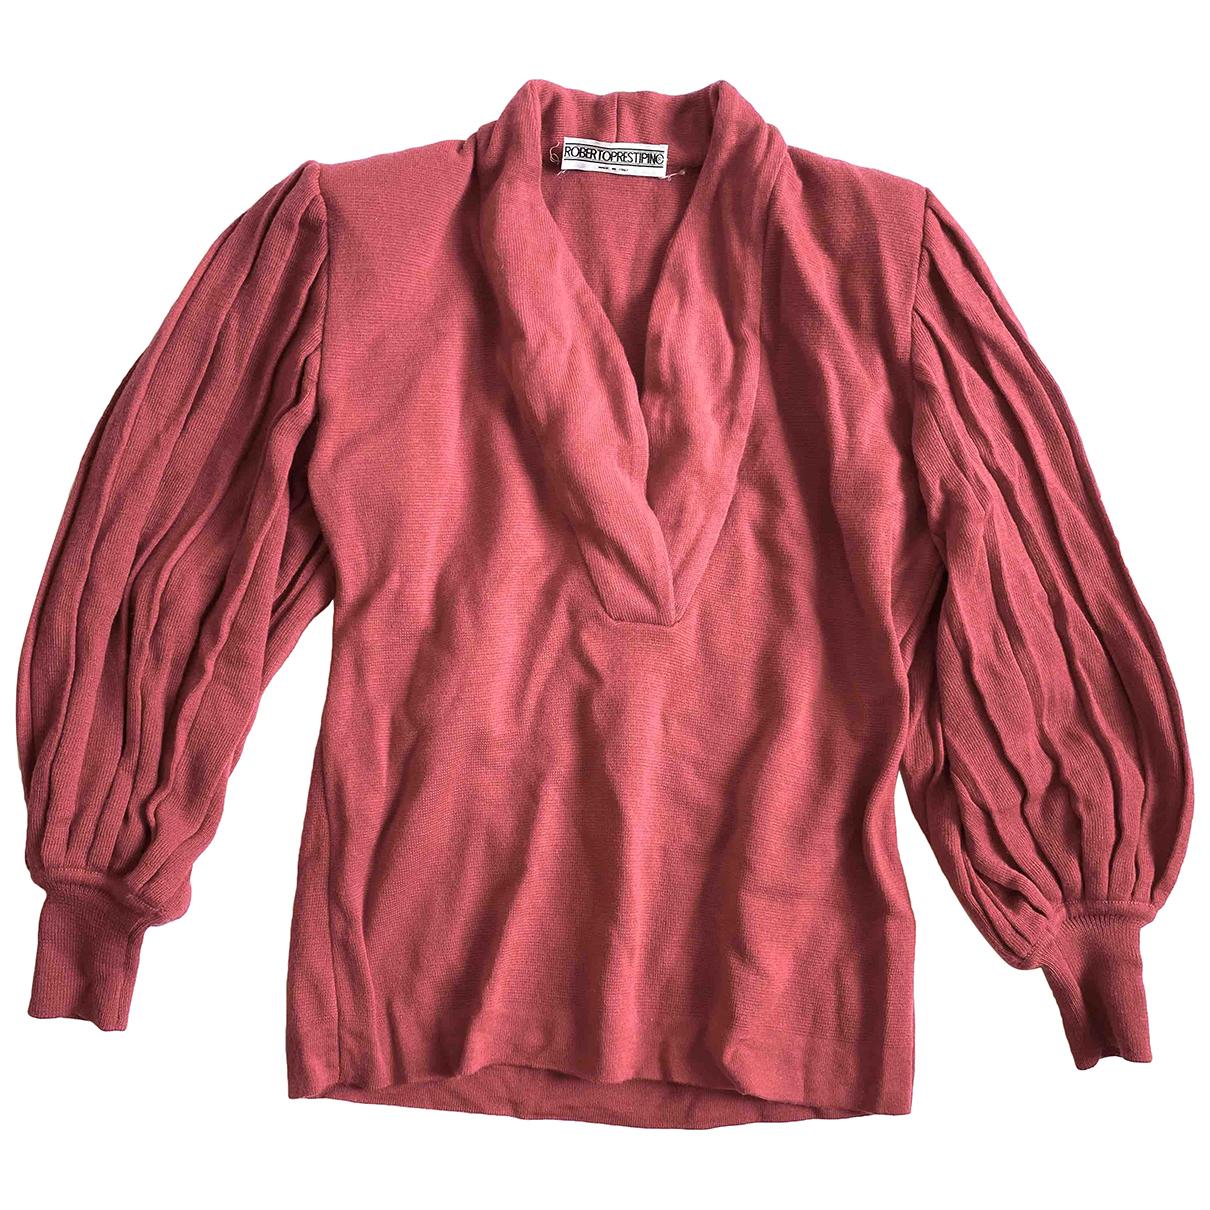 Autre Marque - Pull   pour femme en laine - rose